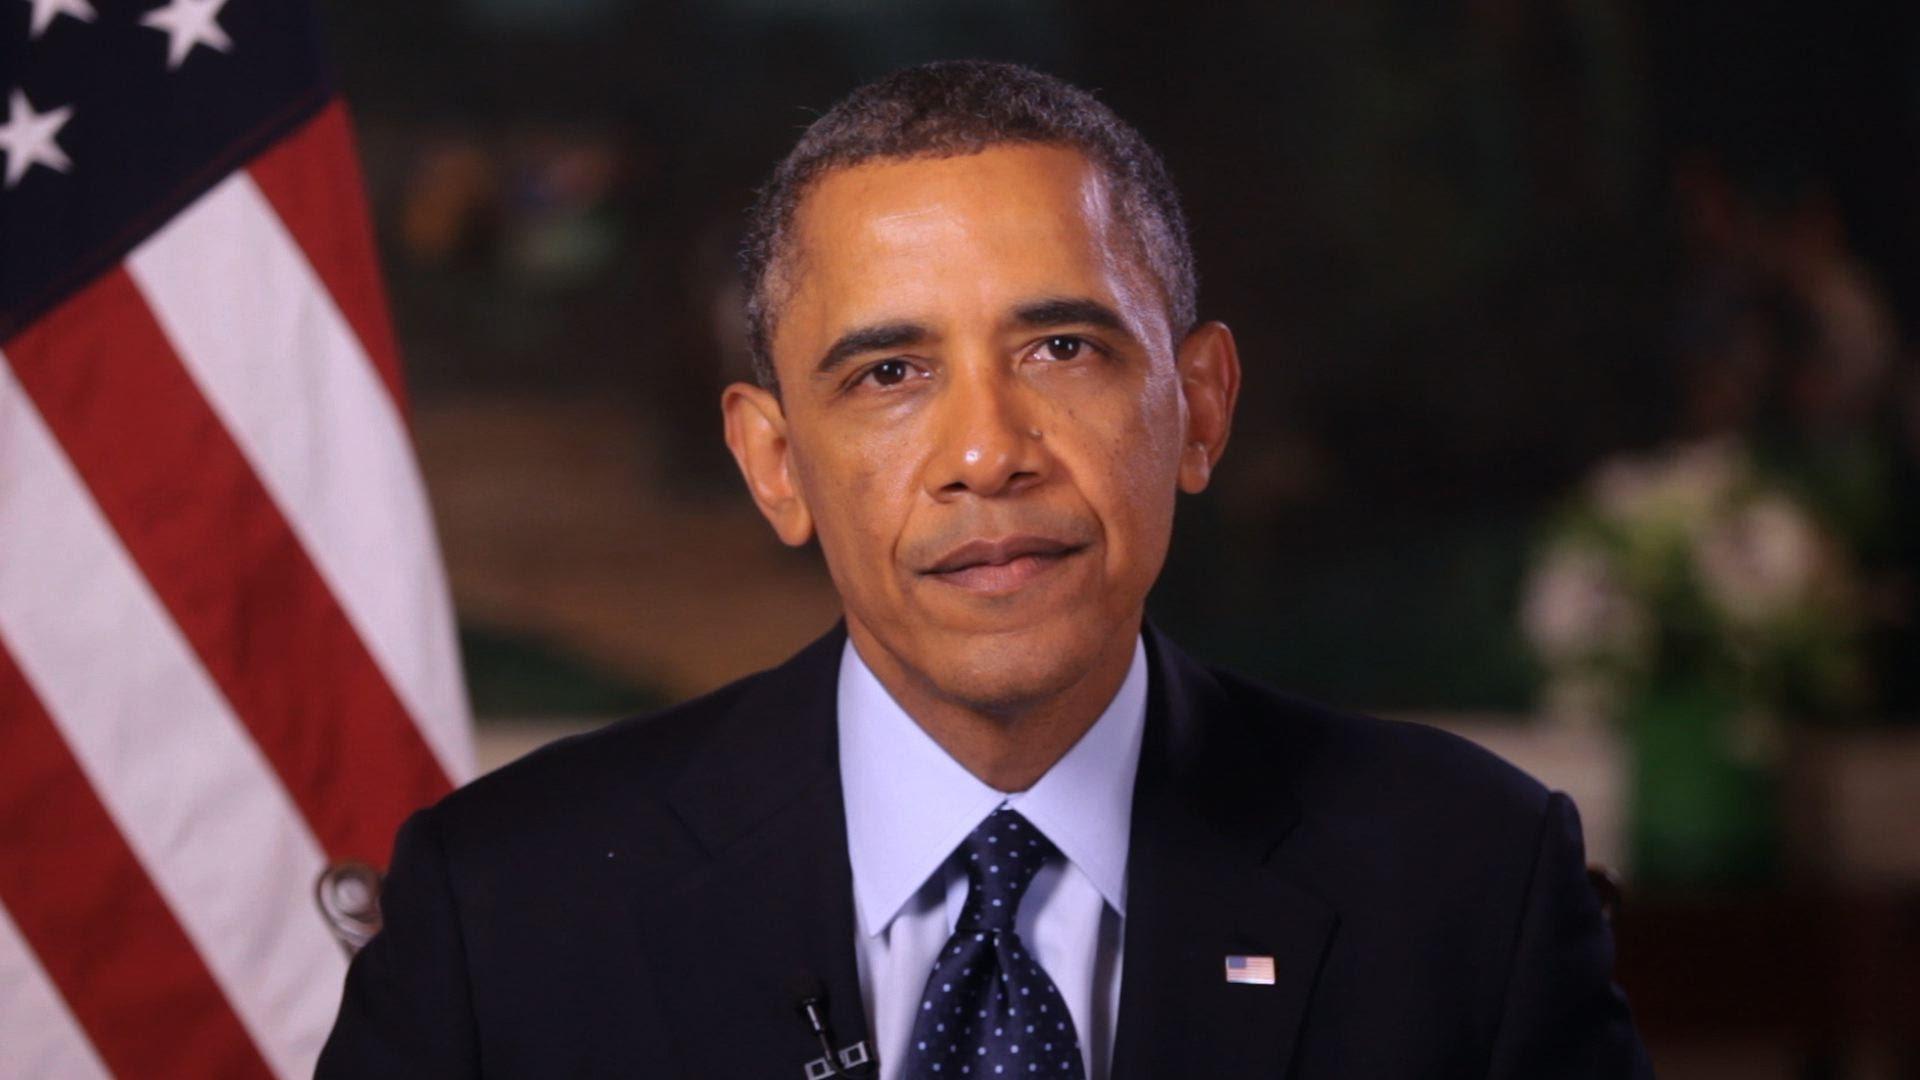 Obama'dan ABD'de Eşcinsel Haklarıyla İlgili Konuşma